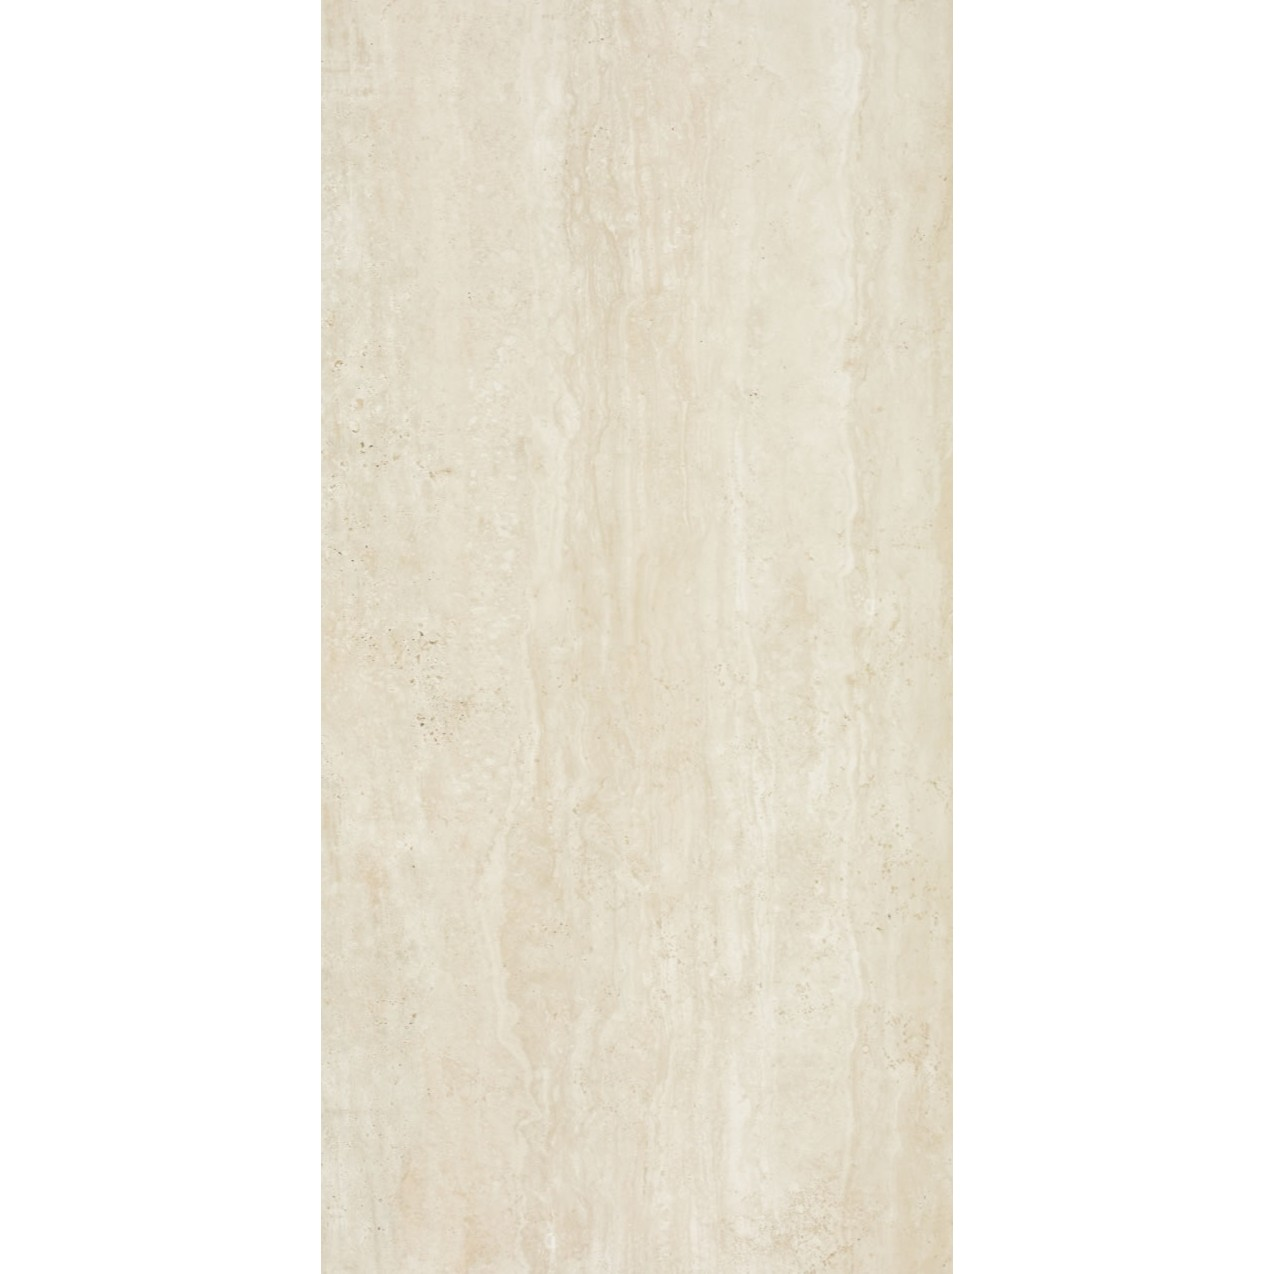 Porcelanato Tipo A 59X1182cm Acetinado Atena Marfim 139m - Eliane